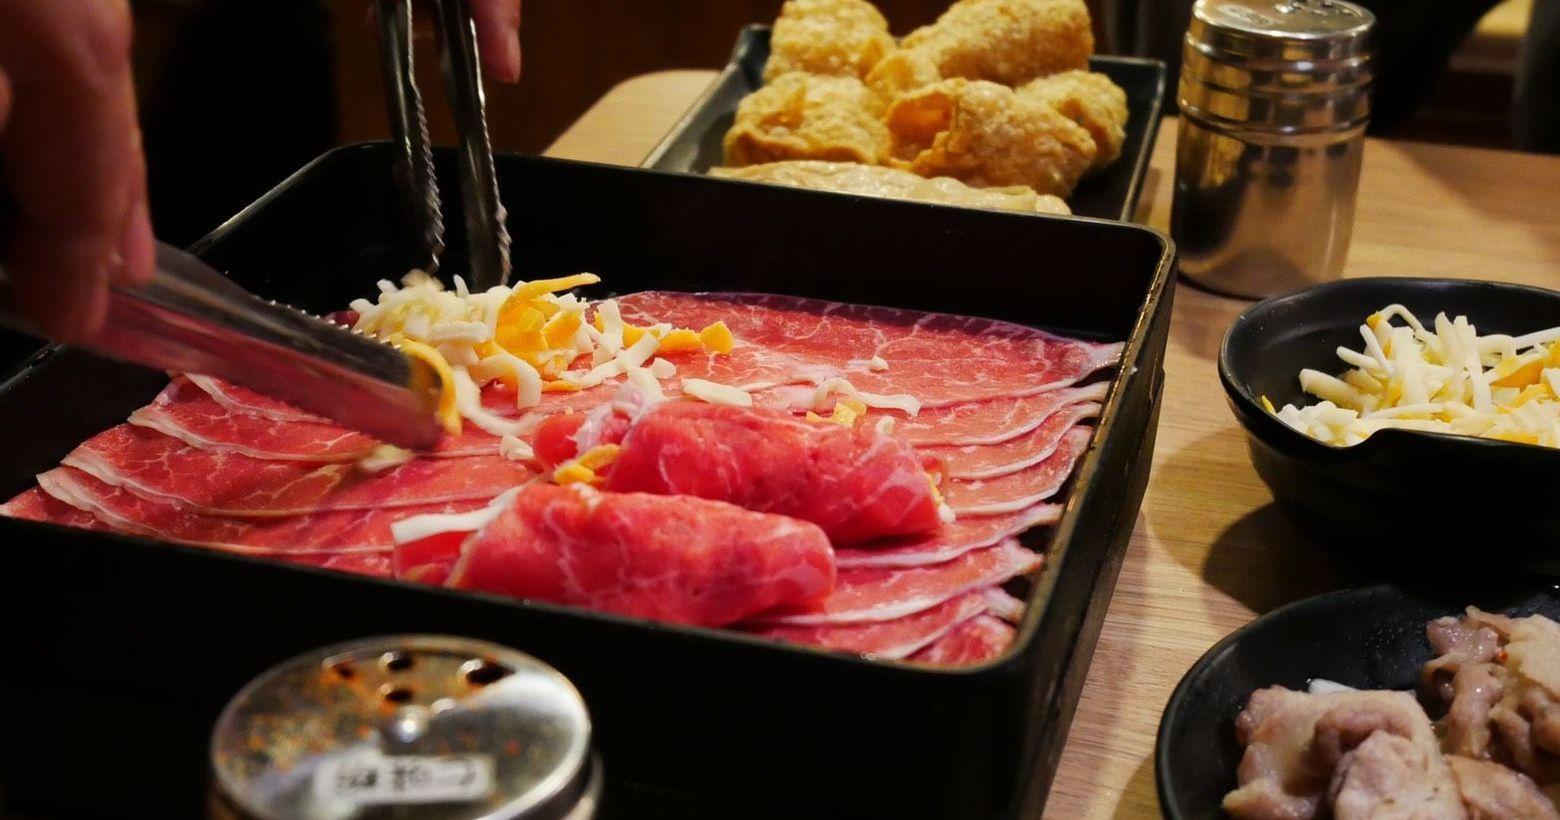 [台北壽喜燒吃到飽]高CP值吃到飽壽喜燒-潮肉壽喜燒找了一家位於國父紀念館站附近的壽喜燒店-潮肉壽